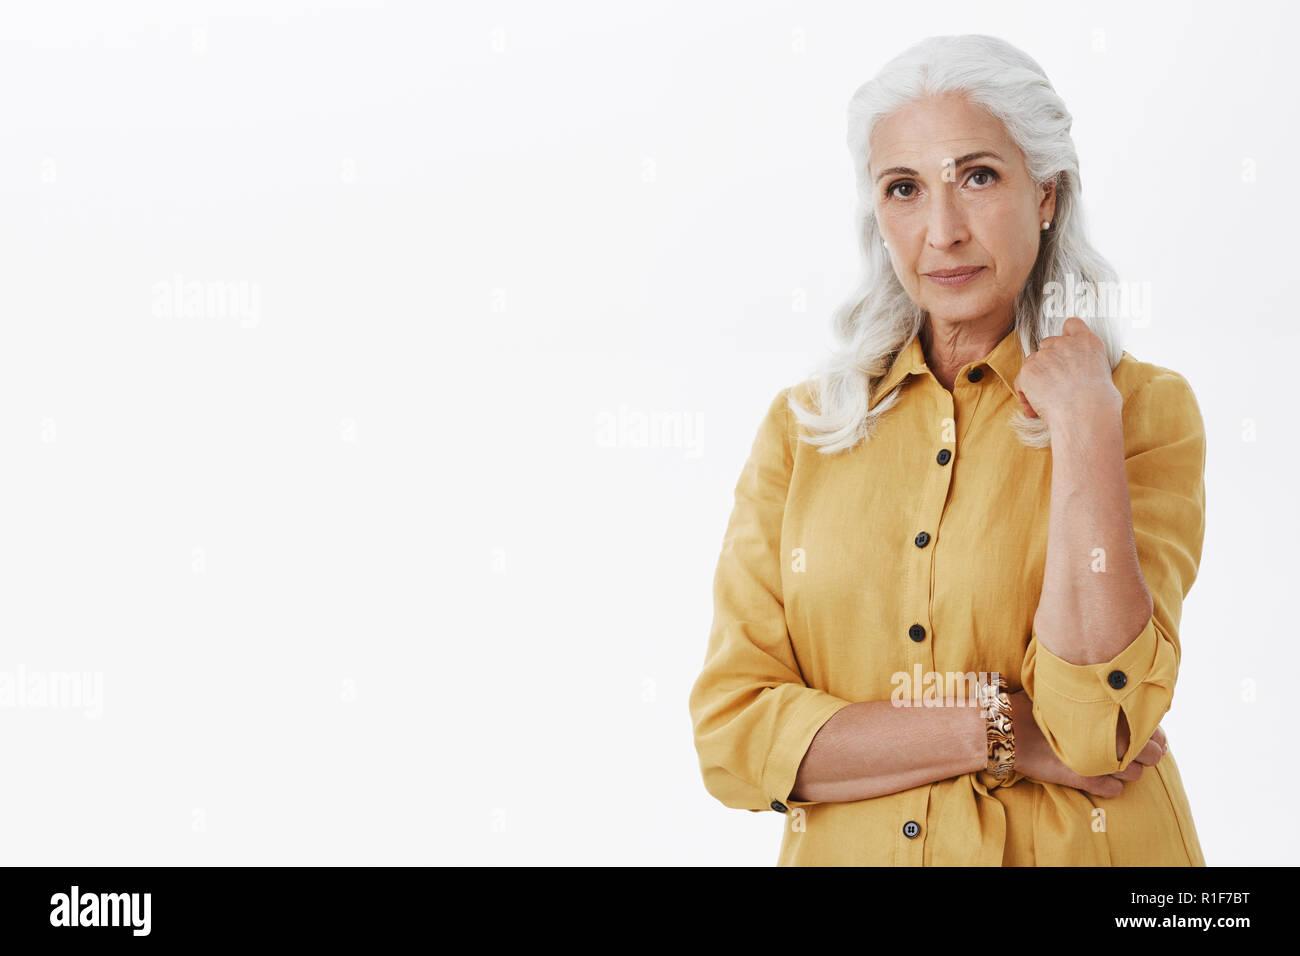 Studio shot di elegante e femminile donna anziana con i capelli bianchi  orecchini perla e giallo 21462f28f833